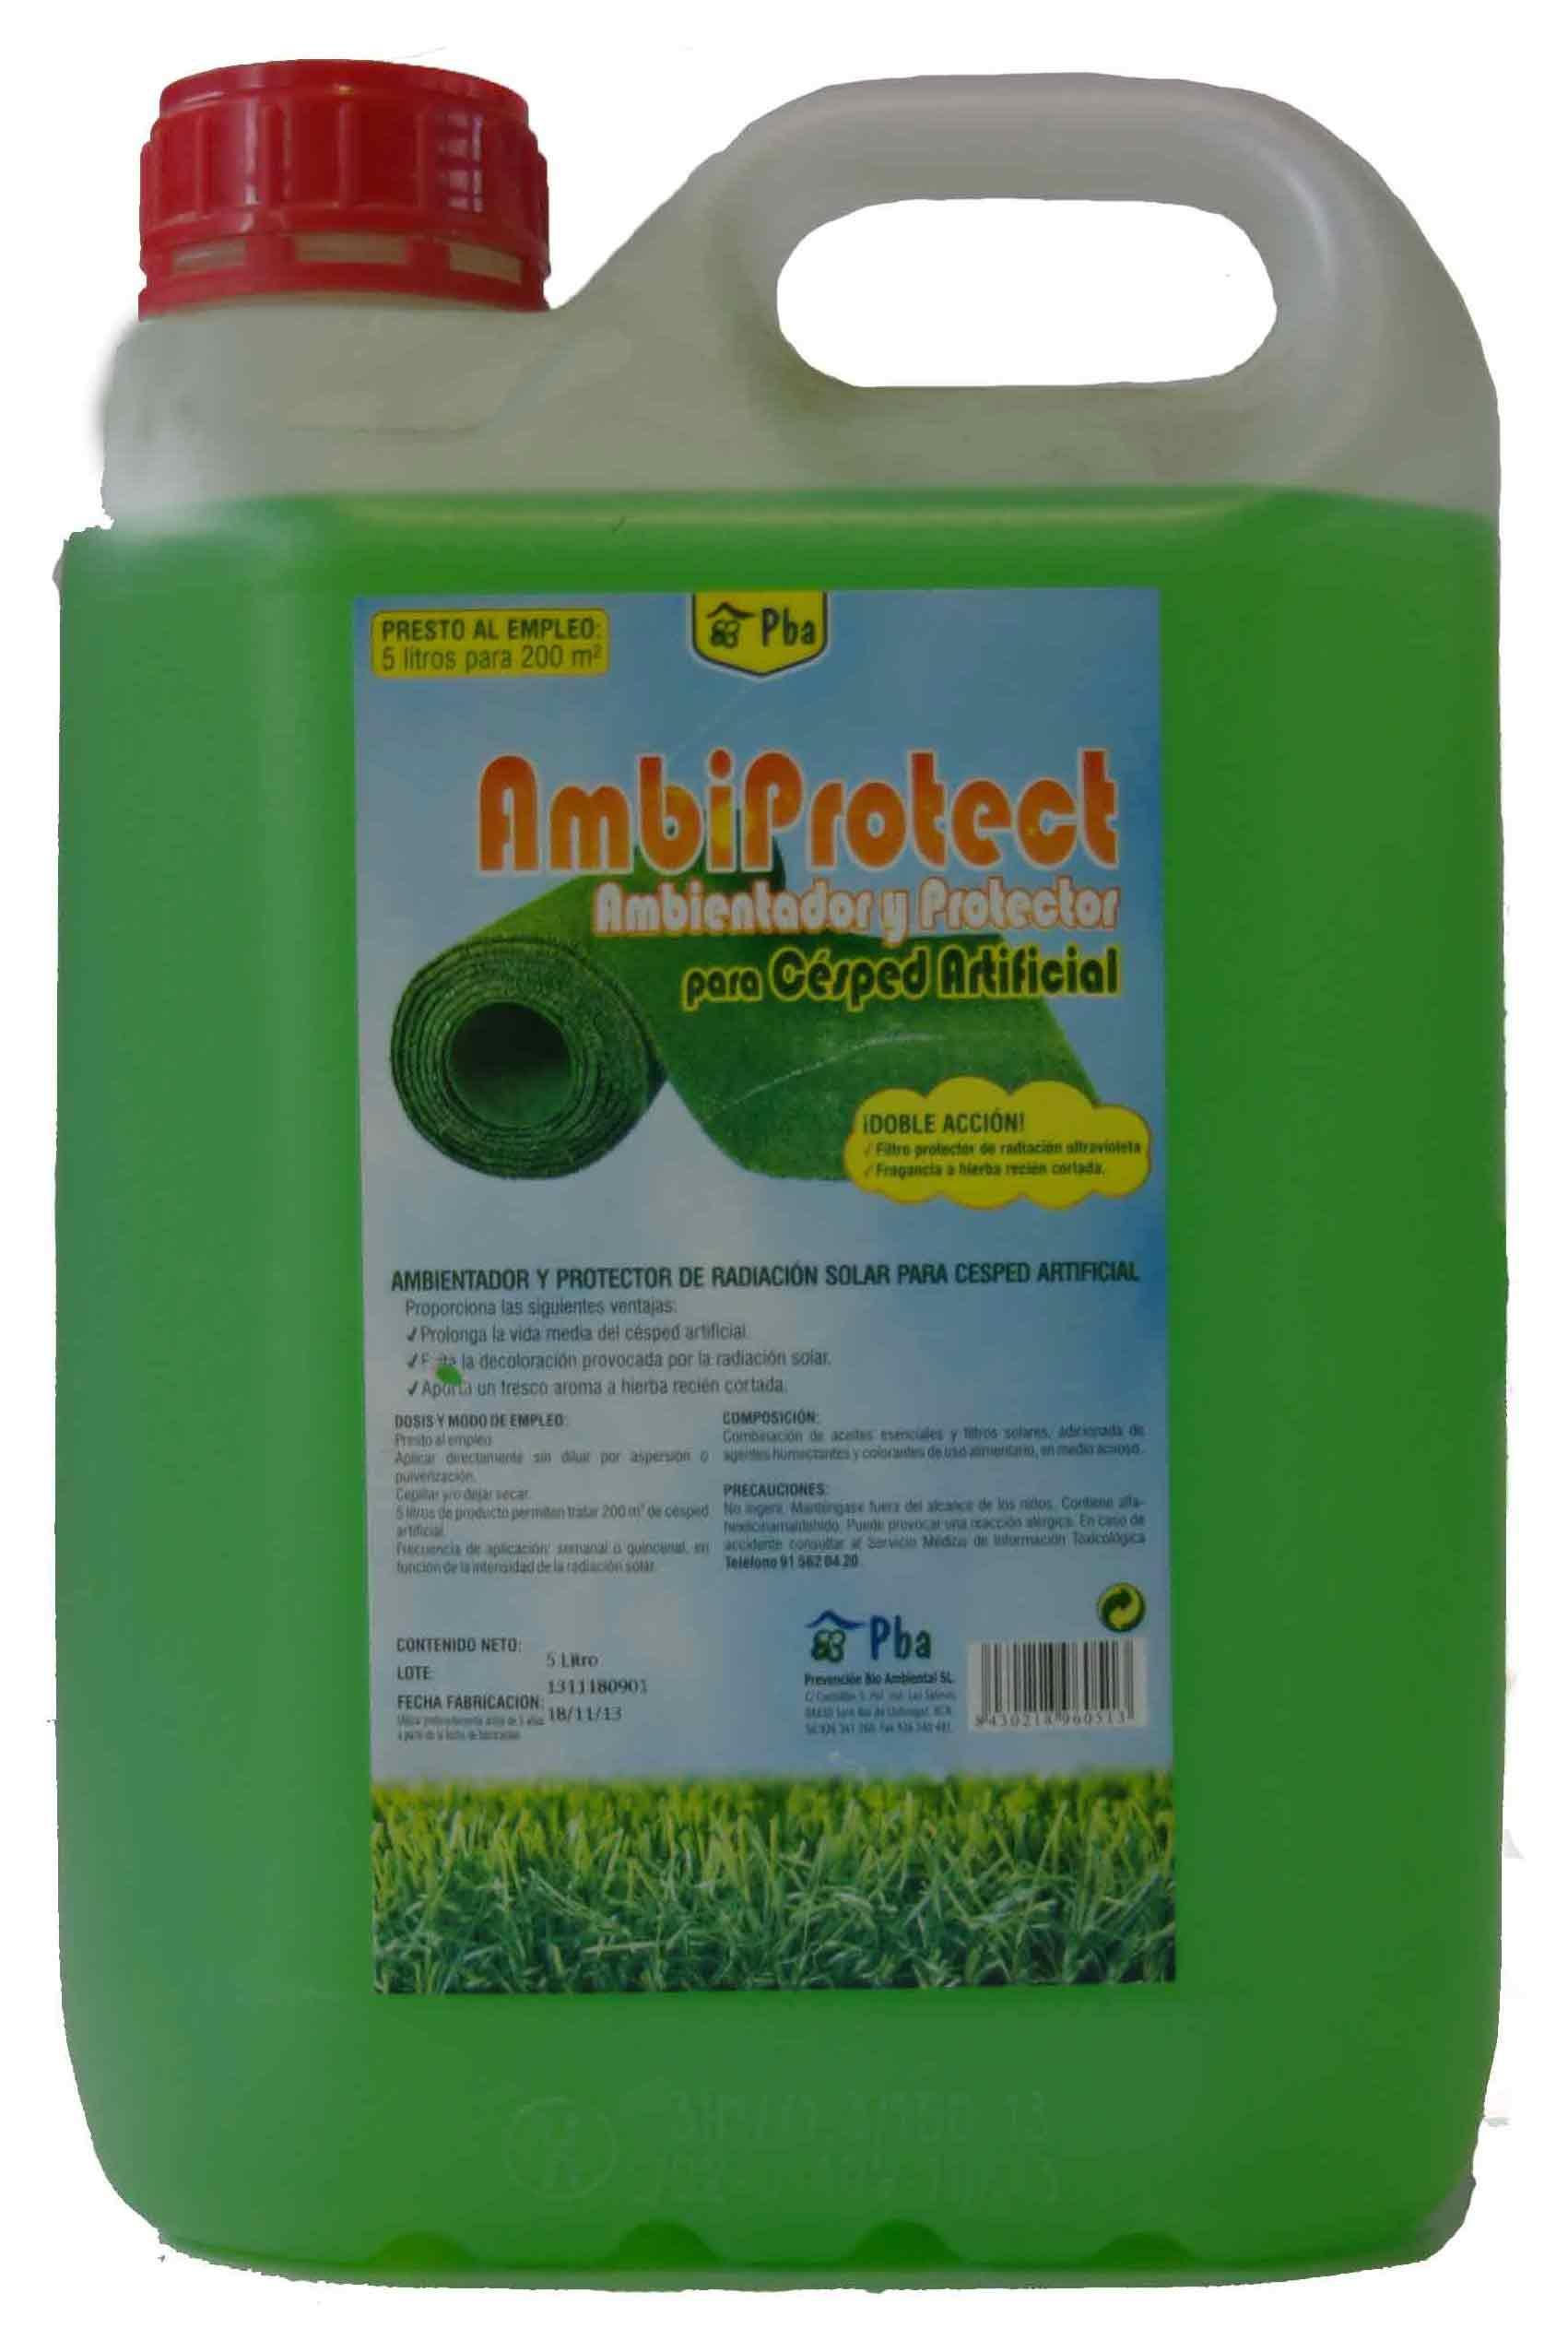 ambiprotect cuidados y limpieza cesped artificial